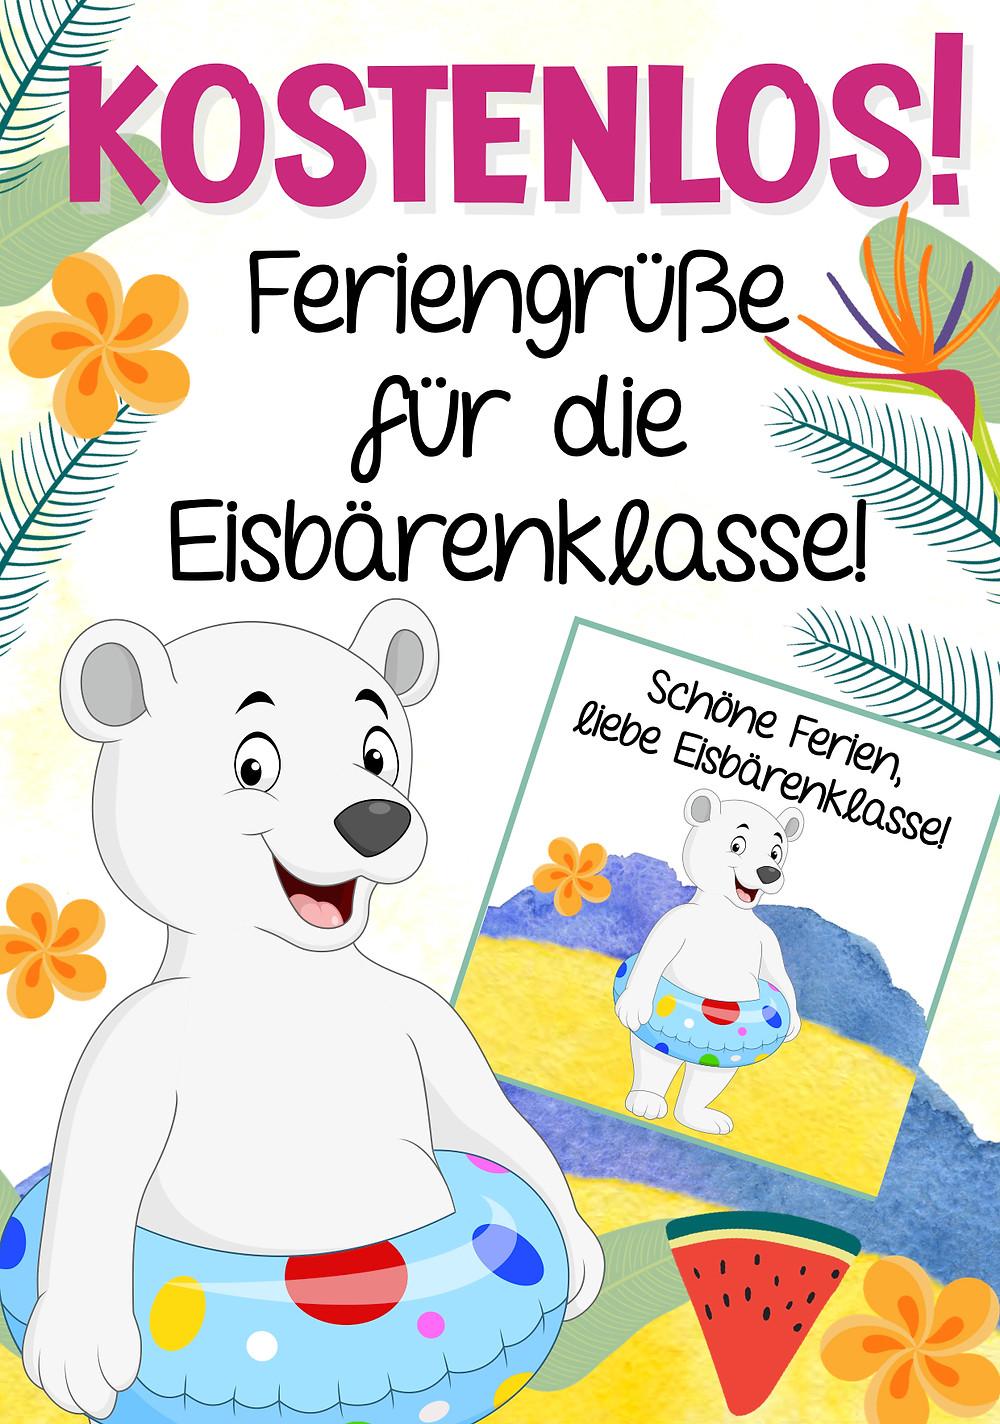 Kostenlose Feriengrüße Sommerferien für die Eisbärenklasse in der Grundschule